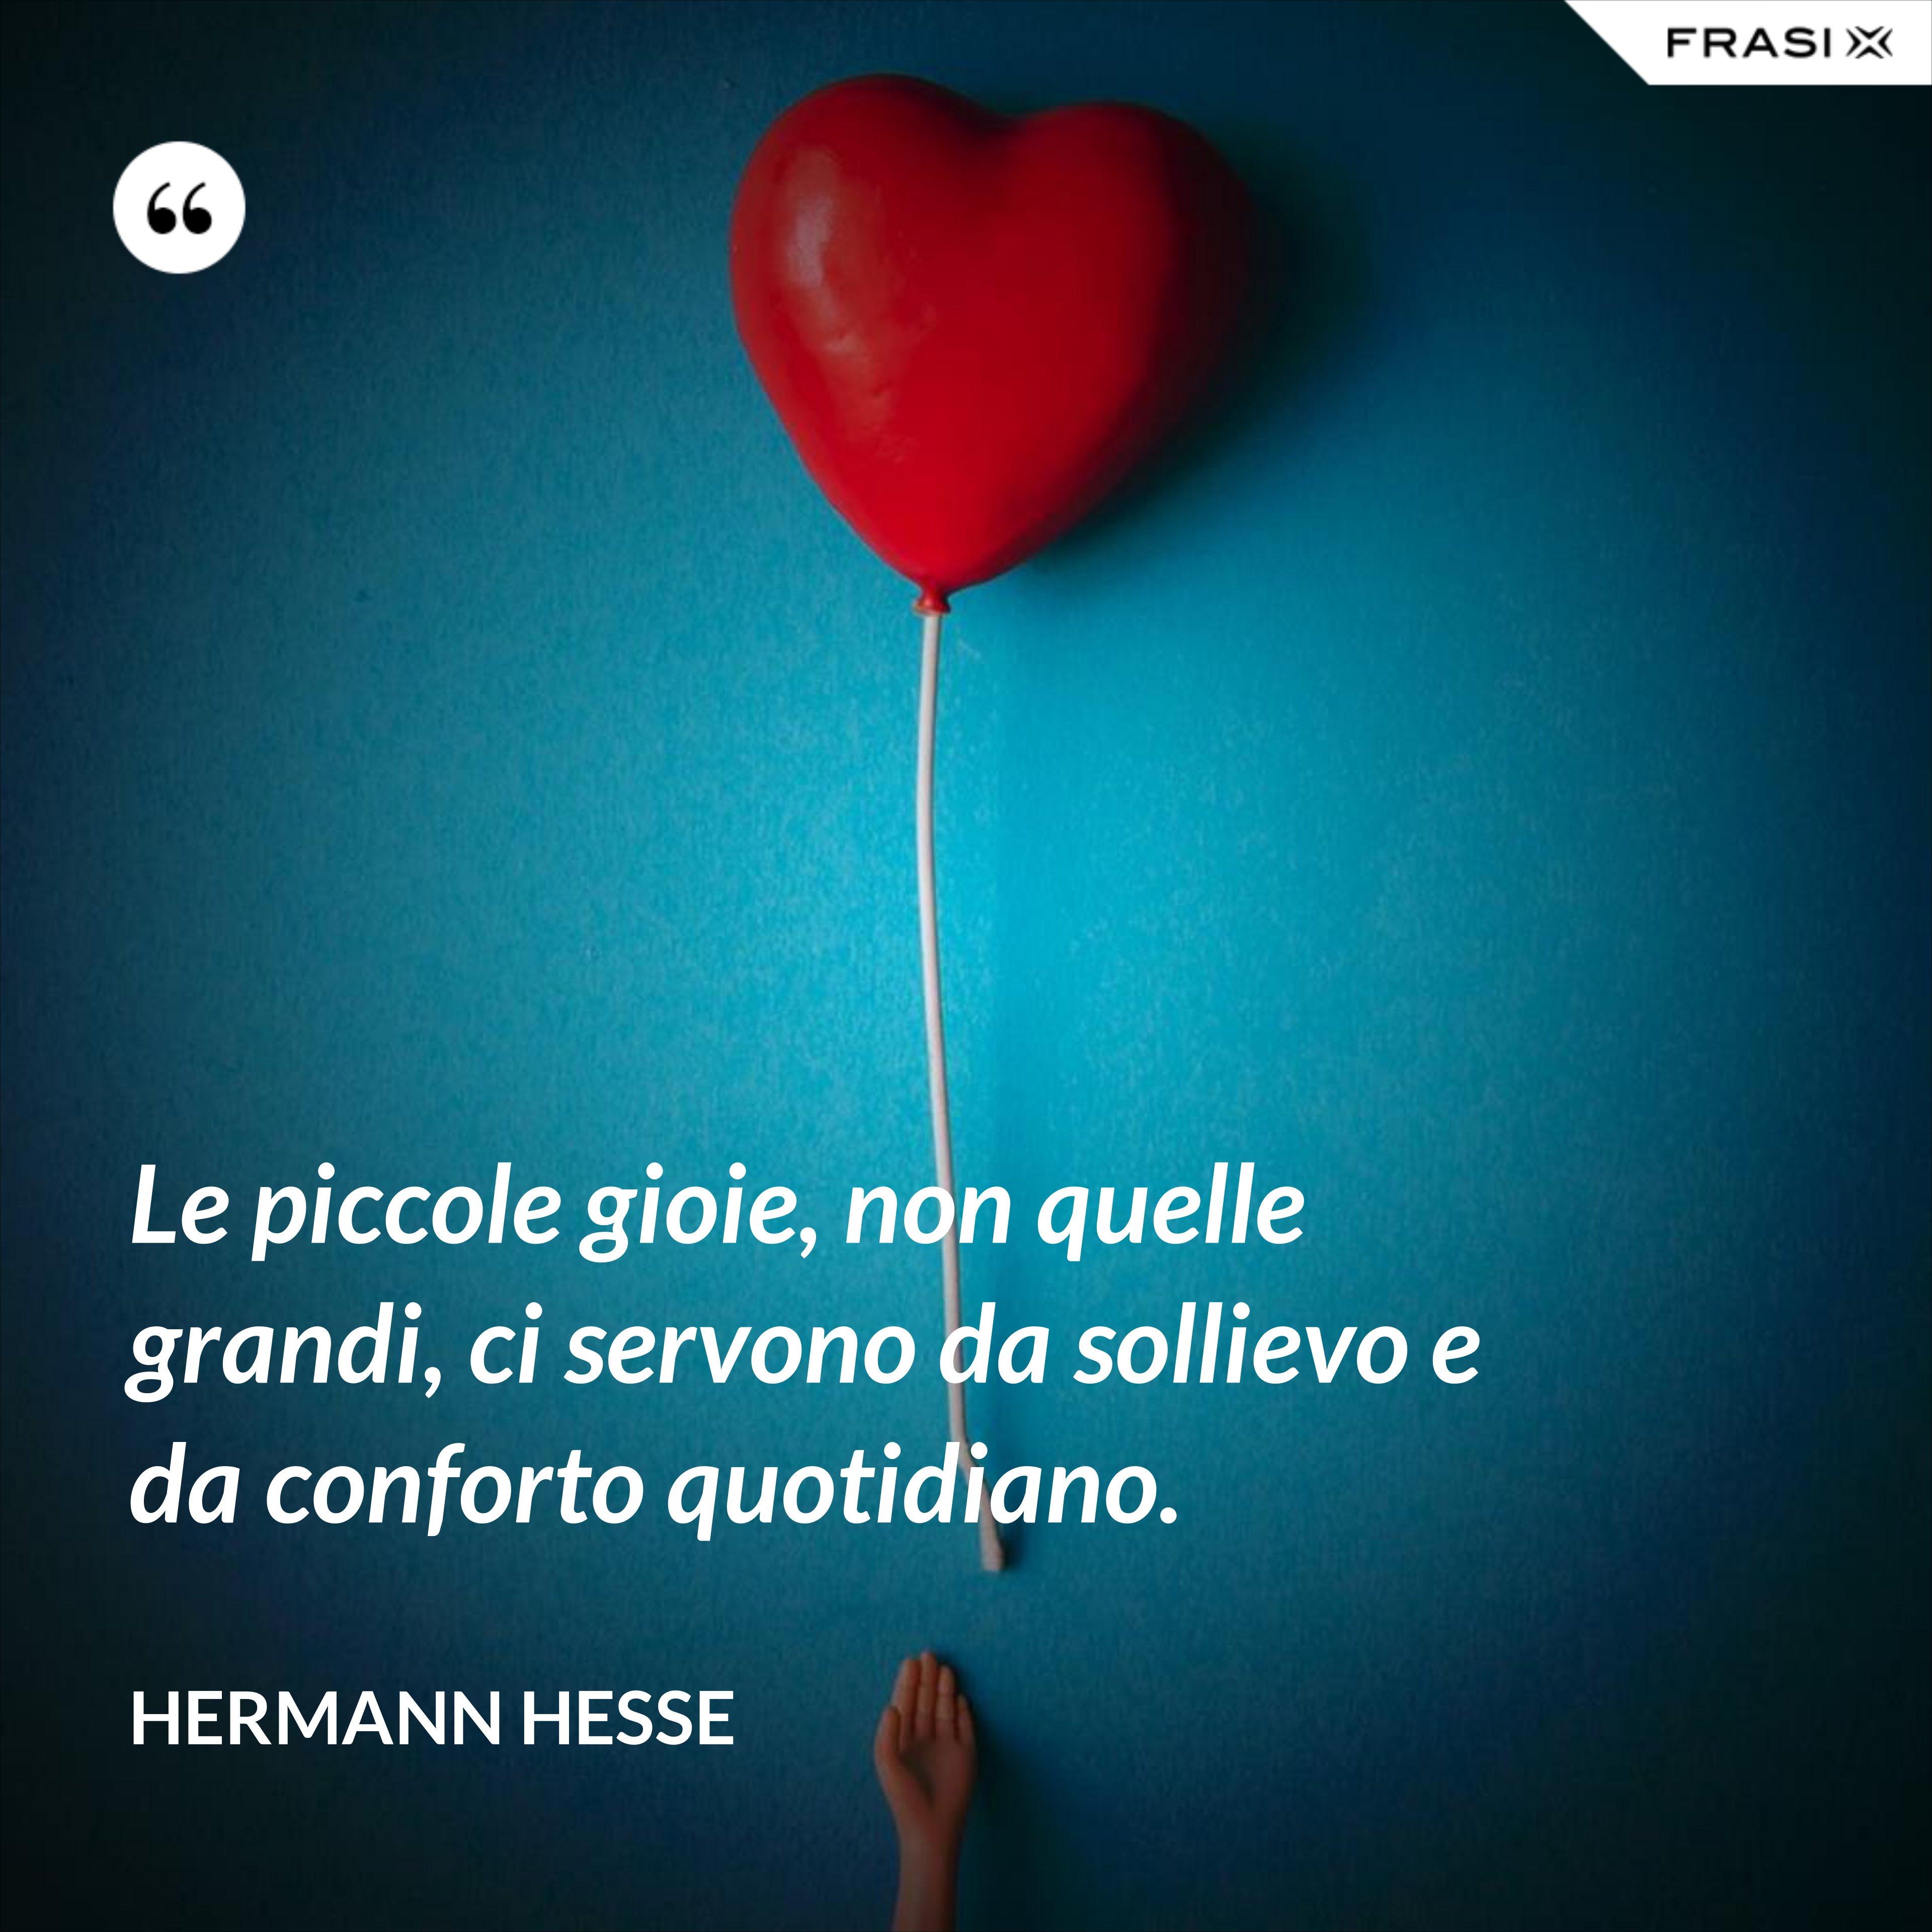 Le piccole gioie, non quelle grandi, ci servono da sollievo e da conforto quotidiano. - Hermann Hesse